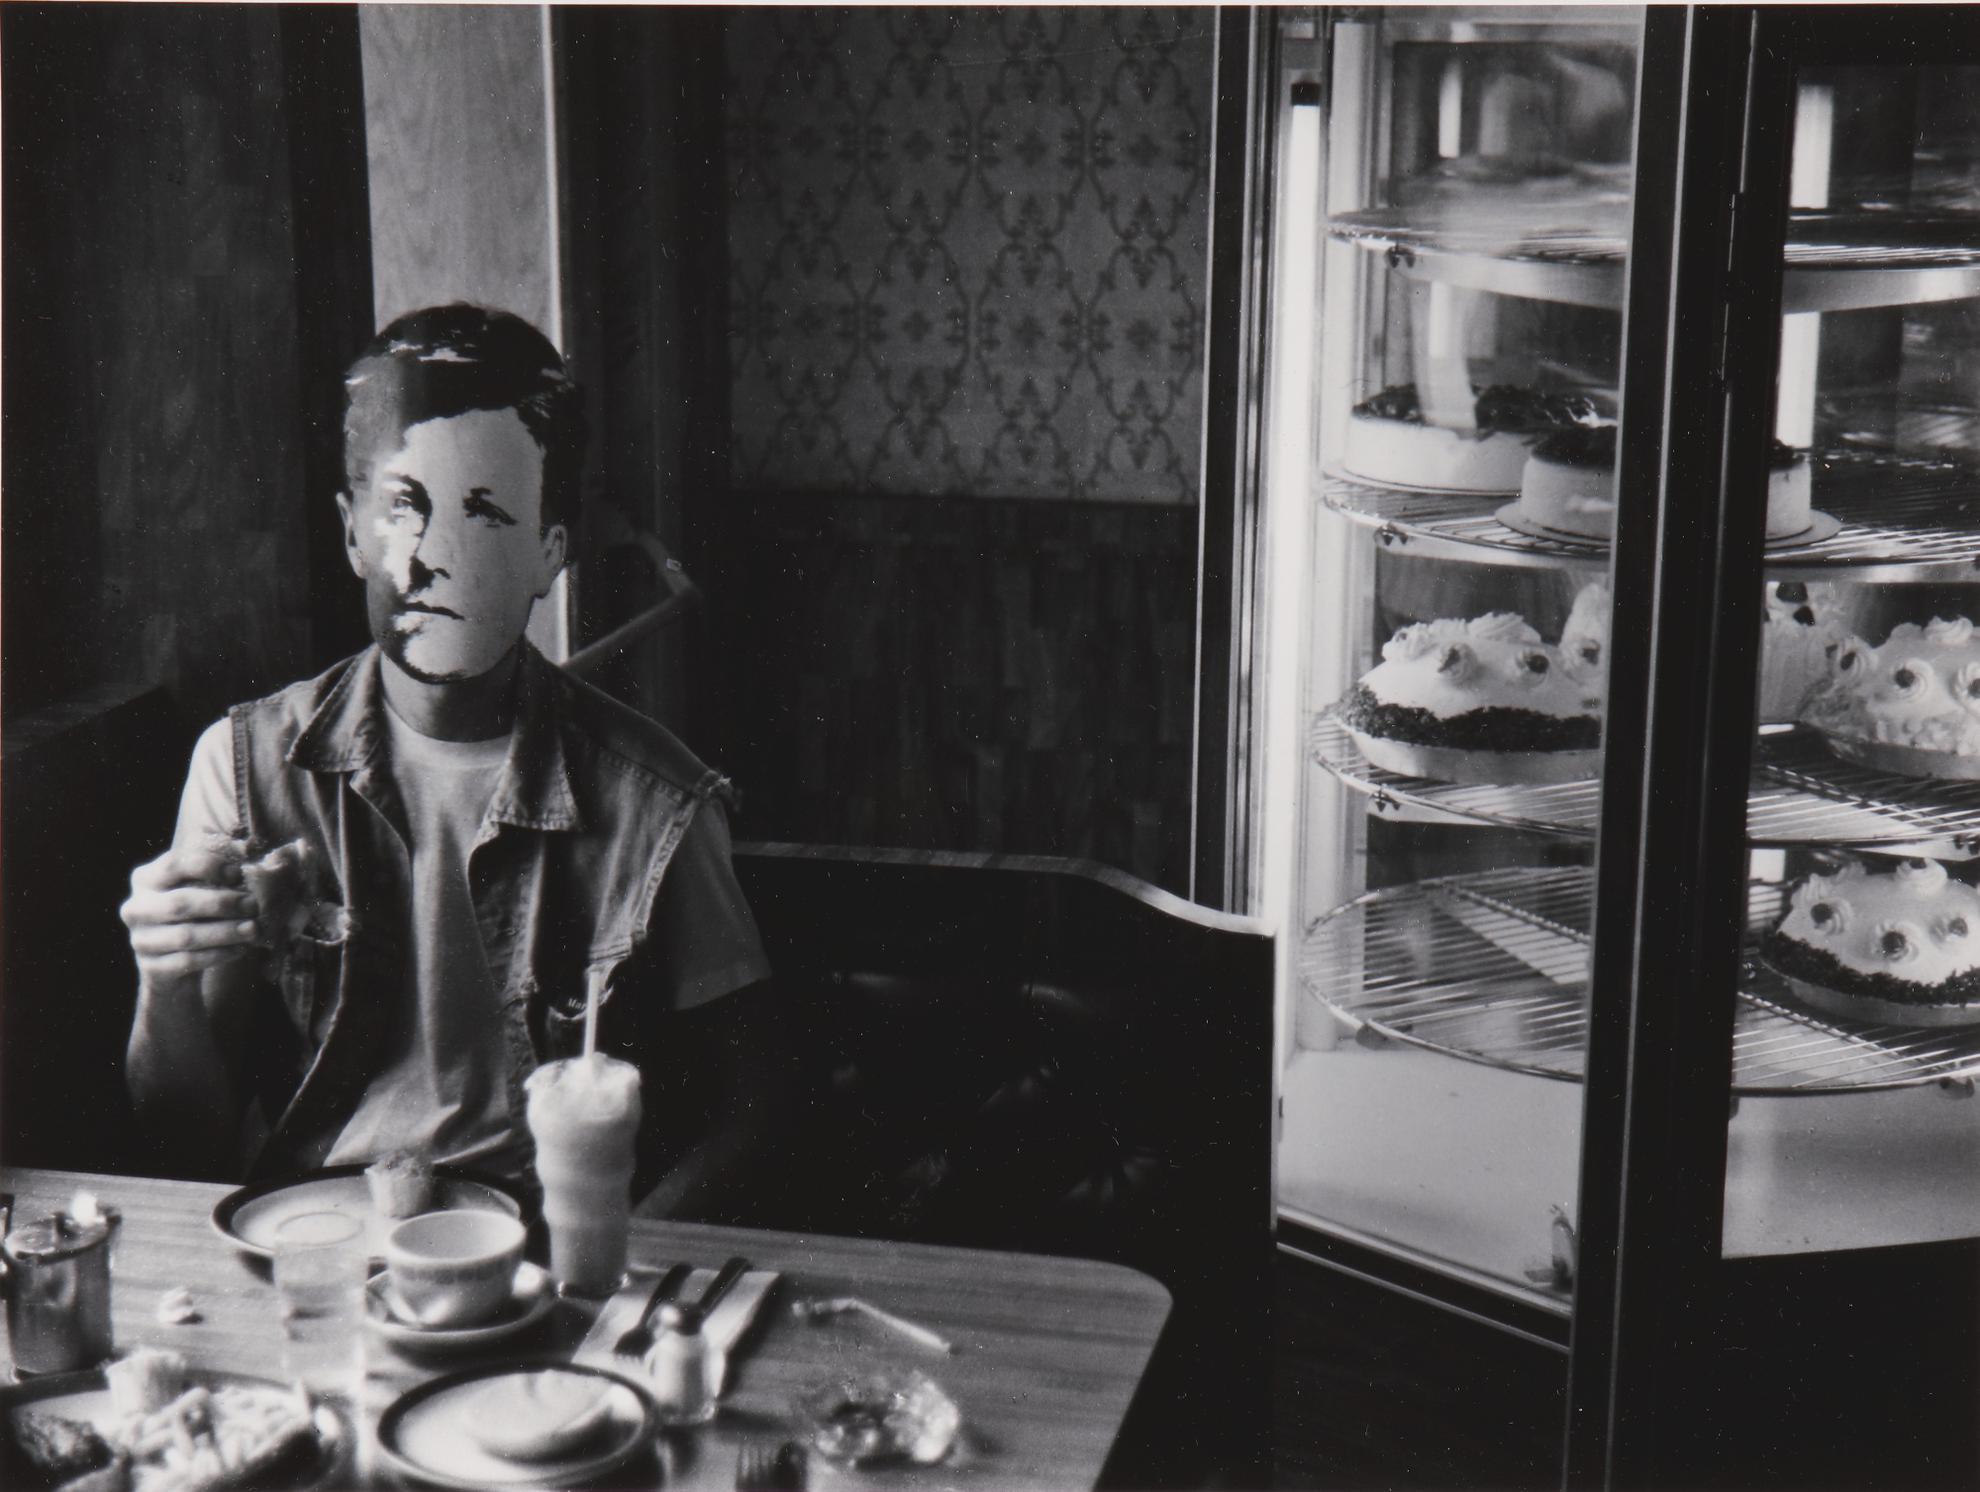 David Wojnarowicz-Rimbaud In New York (In Diner)-1978